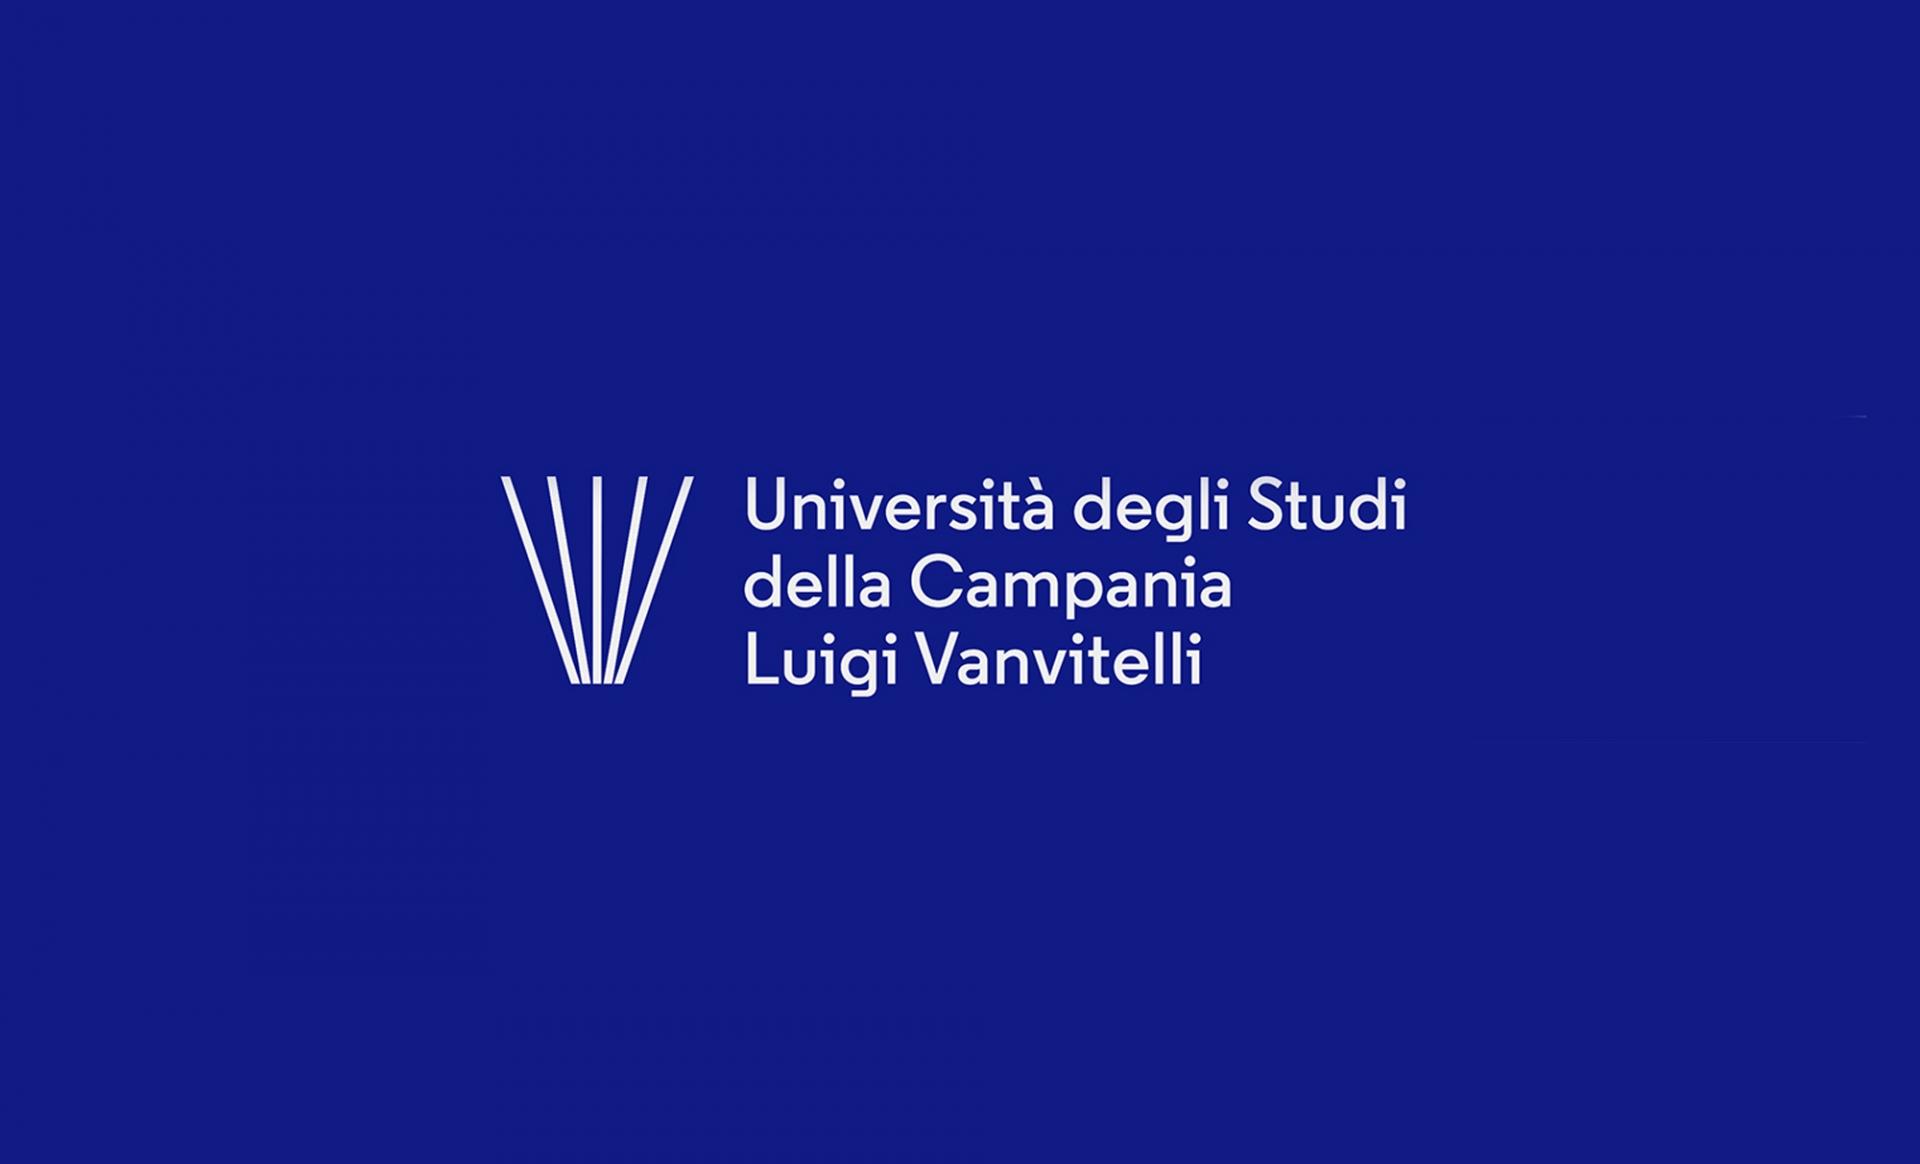 Claudia Polizzi Galluzzo&Polizzi, Università Vanvitelli, 2017